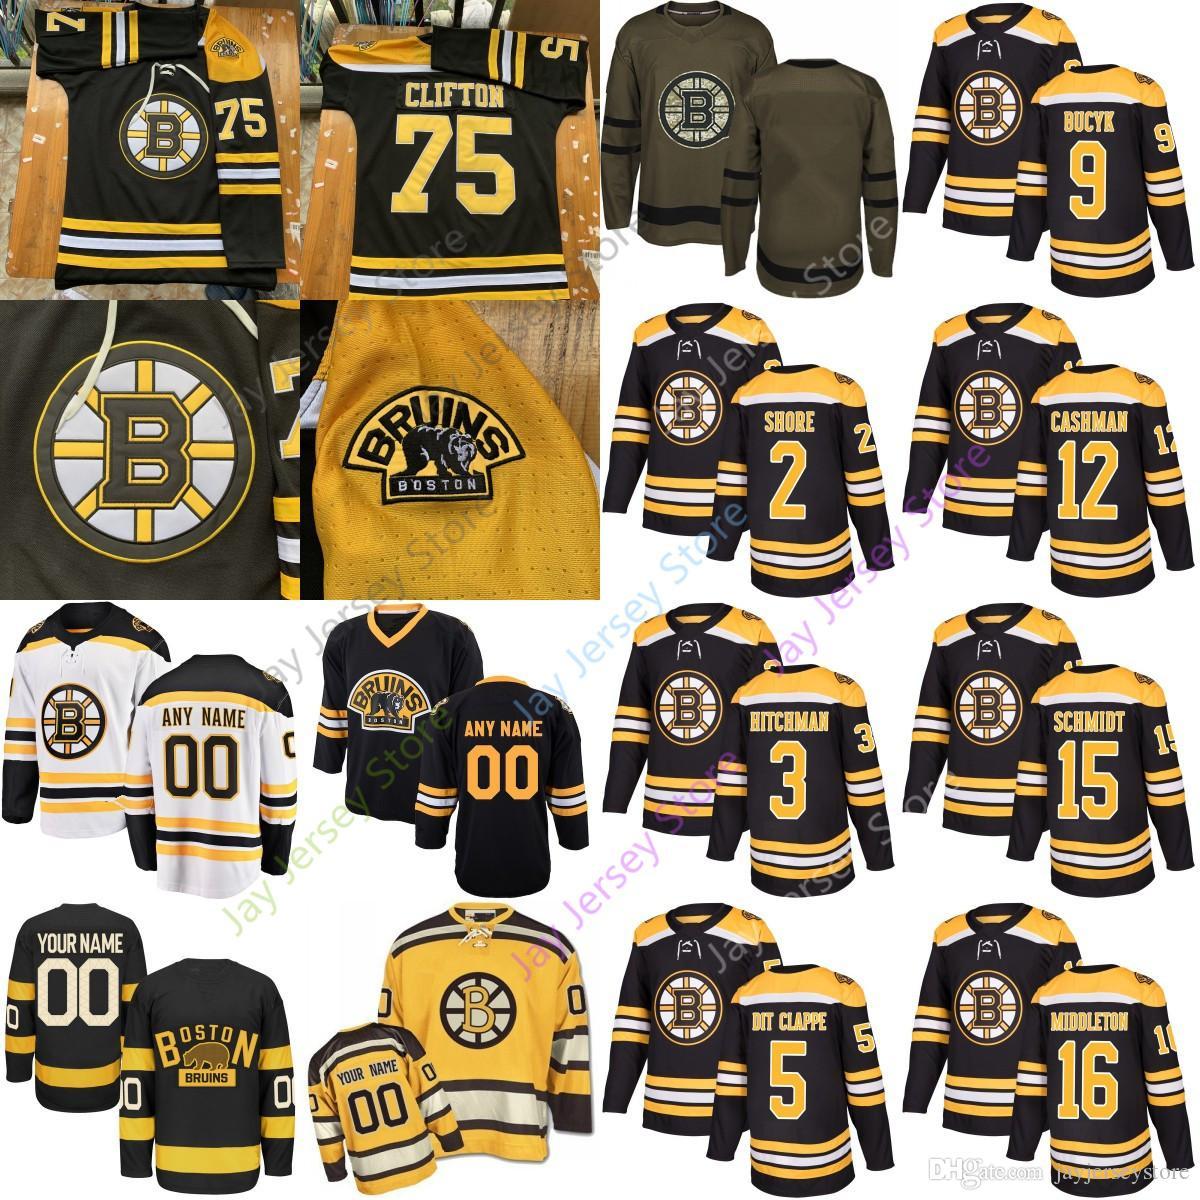 831ac5152b5 Ice Hockey Boston Bruins Jersey Eddie Shore Hitchman Clapper Bucyk Cashman  Schmidt Middleton Thornton Allison Men Women Youth Kid